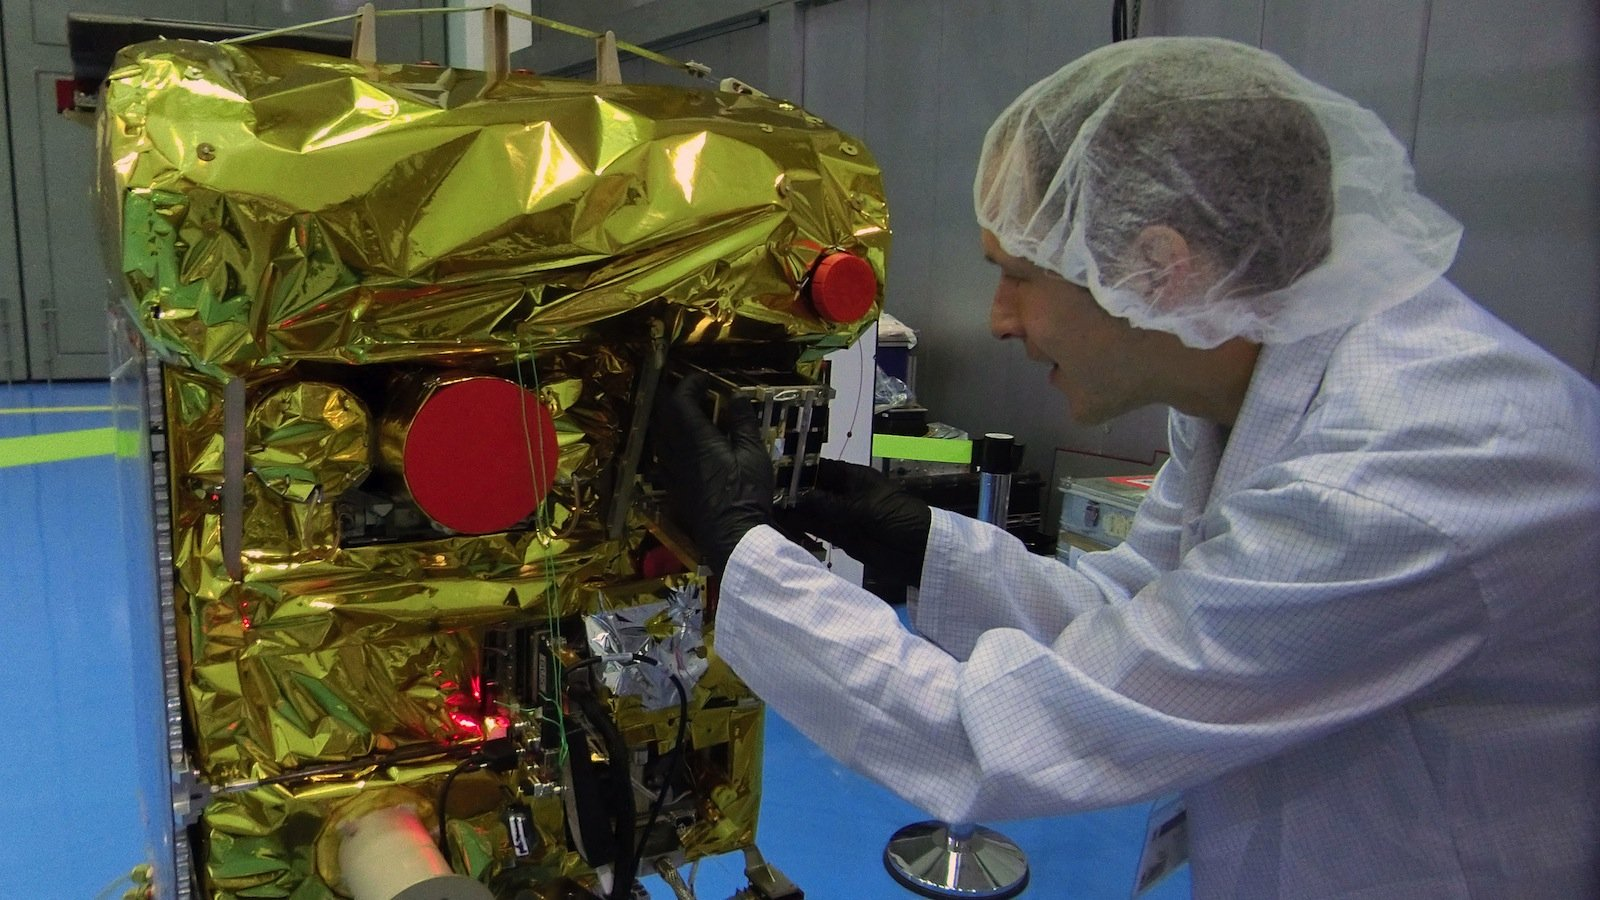 Einbau von Beesat in Biros:Am 9. September 2016 setzte der Feuerdetektionssatellit Biros dannden Picosatelliten Beesat-4in 515 km über der norwegischen Inselgruppe Spitzbergen im All aus. Jetzt wurden die beiden Satelliten für das Experiment Avanti genutzt.